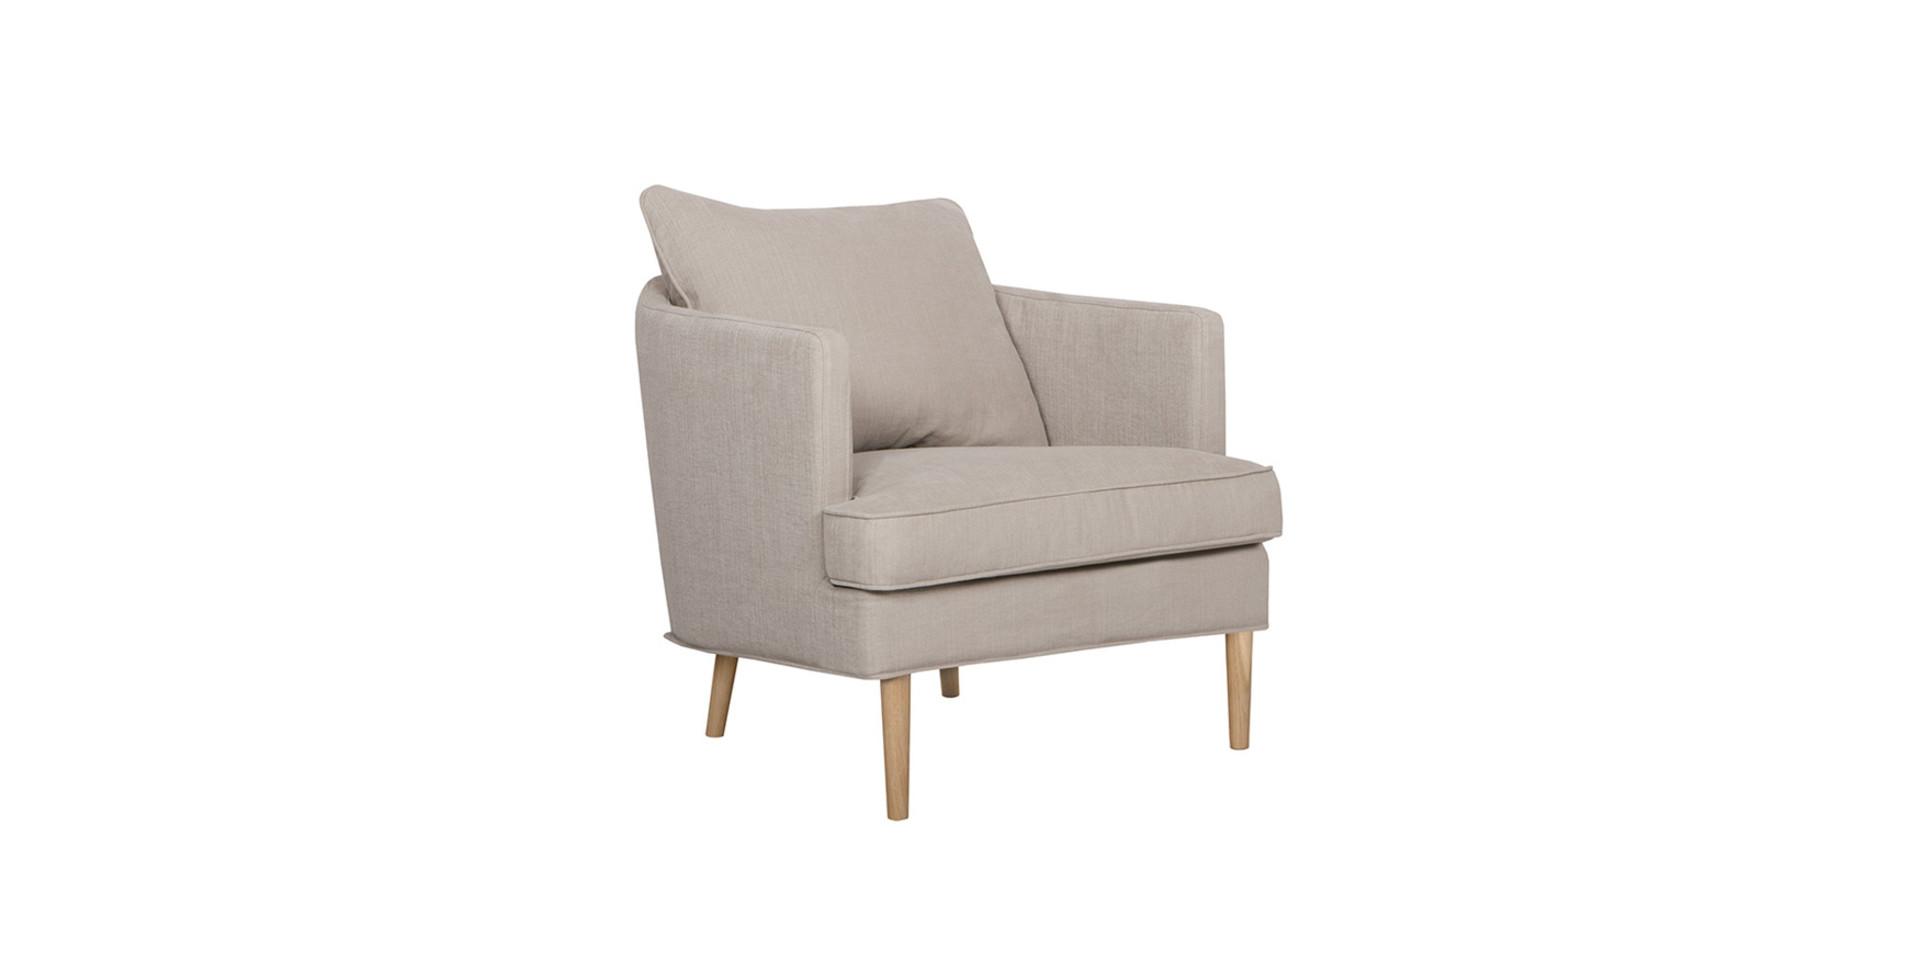 JULIA_armchair_caleido3790_light_beige_2